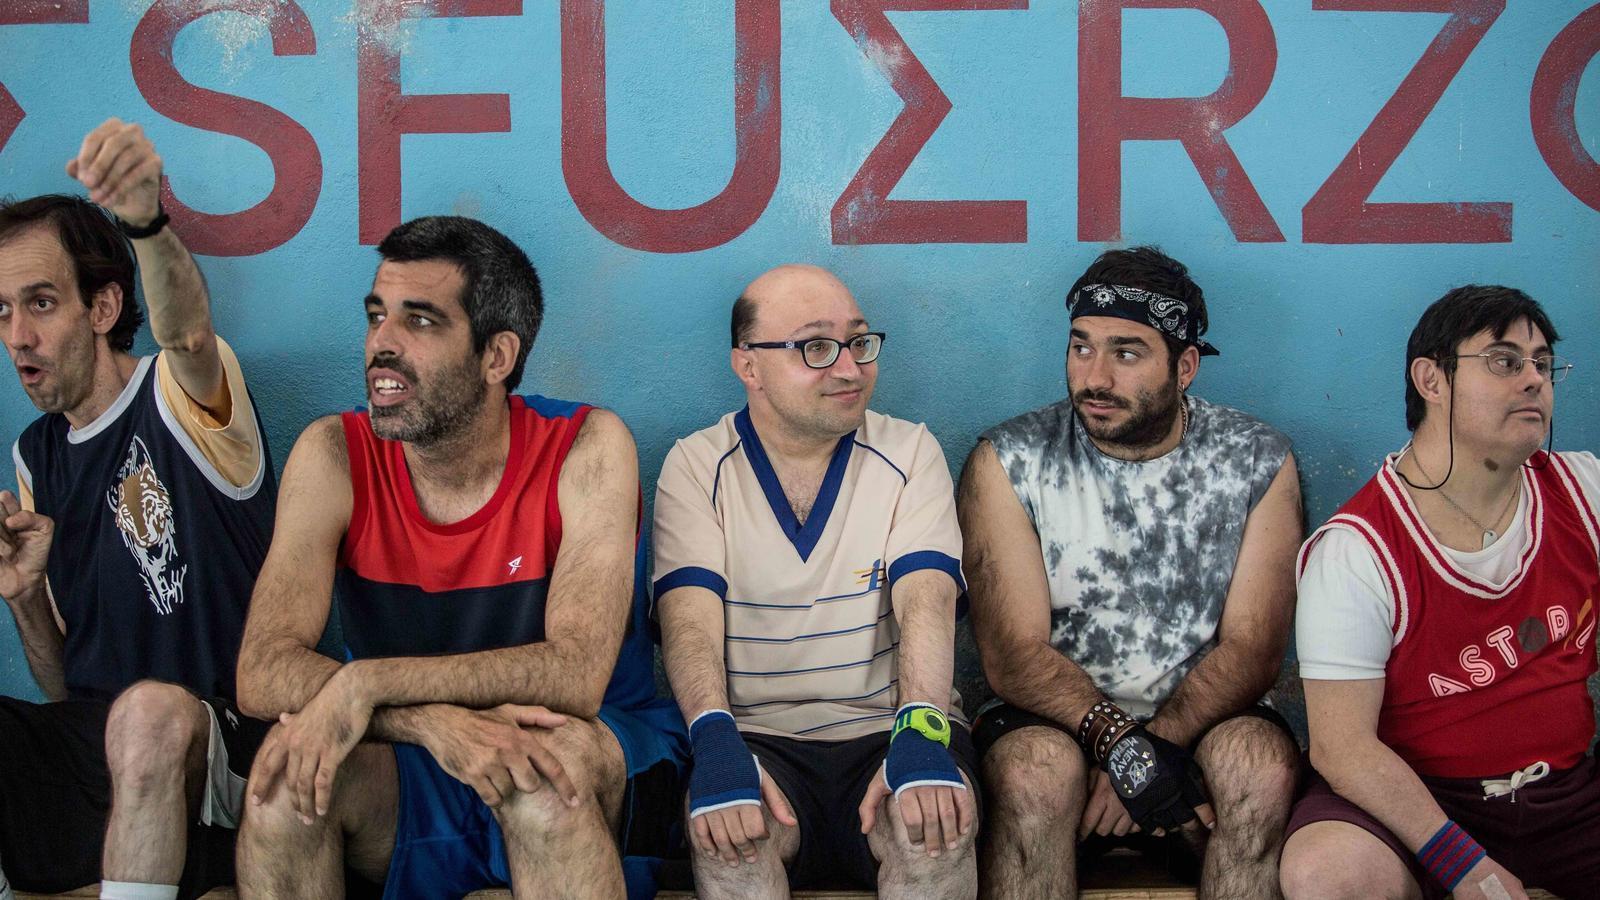 'Campeones', una lliçó de 'fair play', convivència i tolerància. Llegeix aquí la crítica de Toni Vall